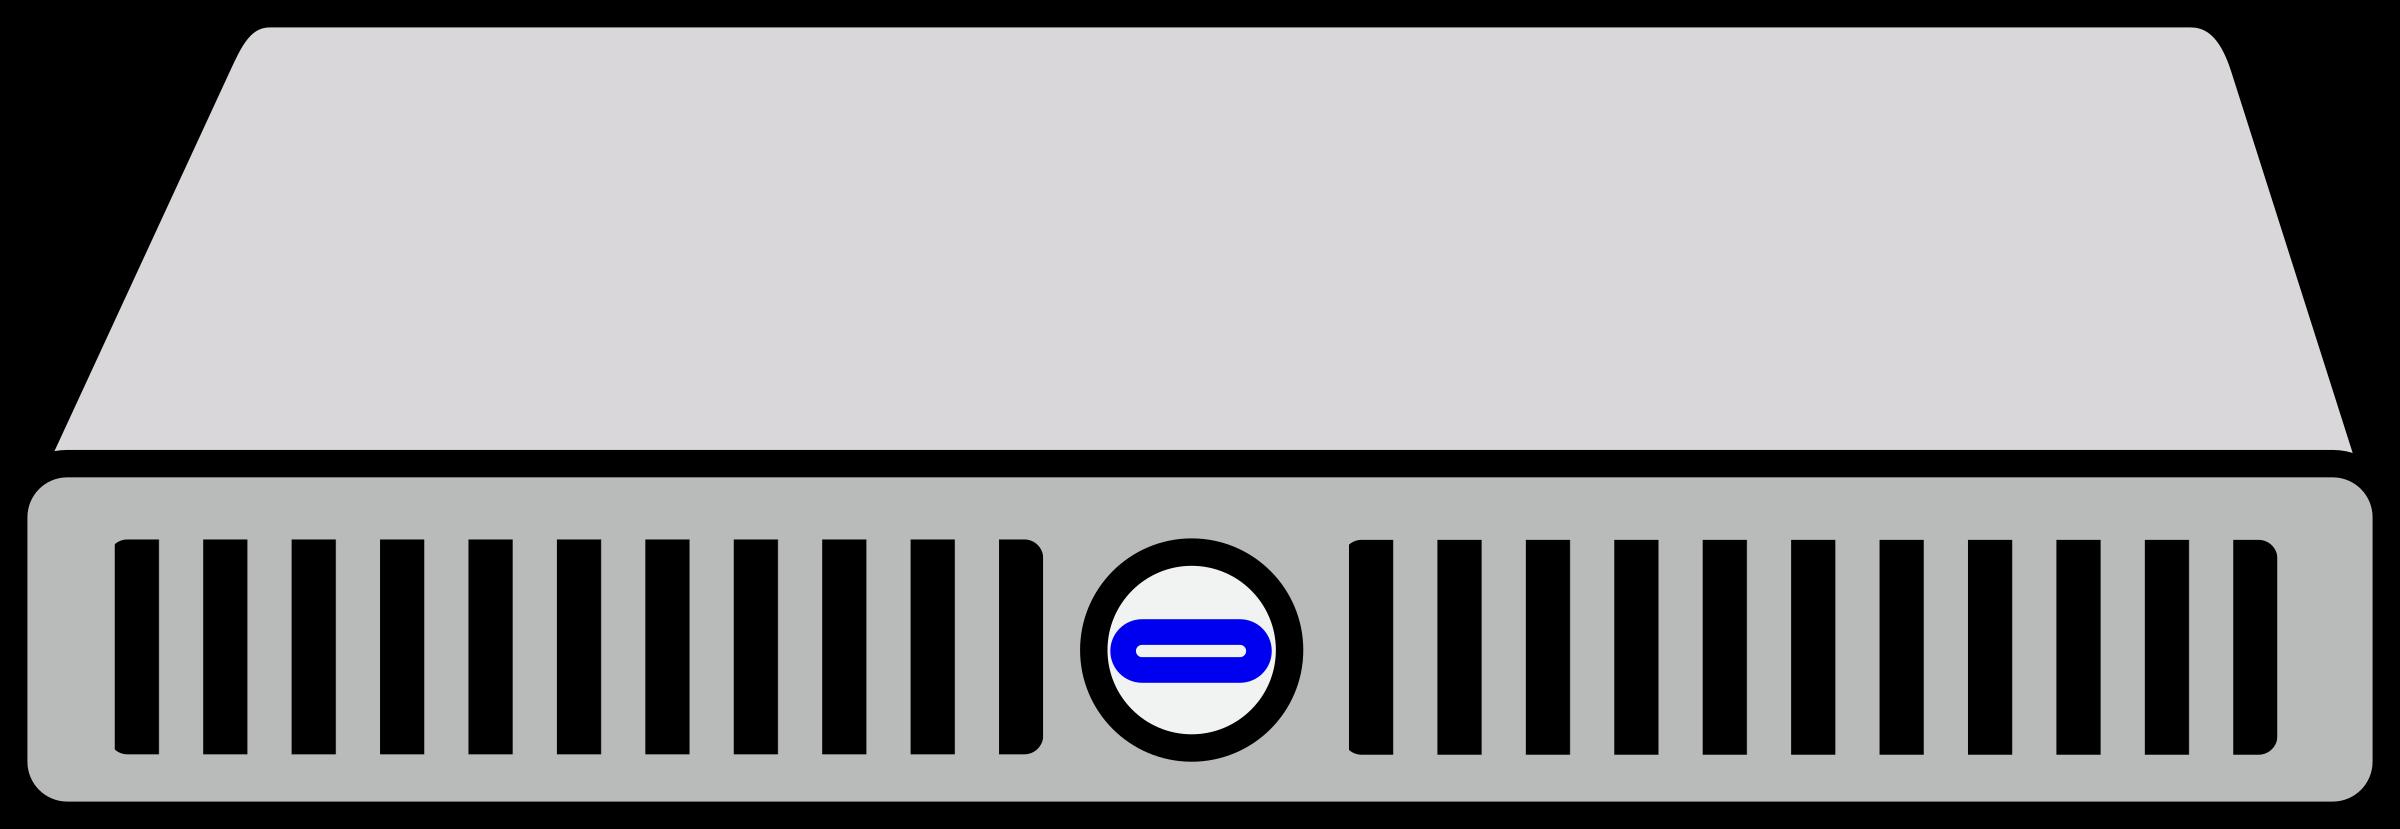 Server Cliparts.